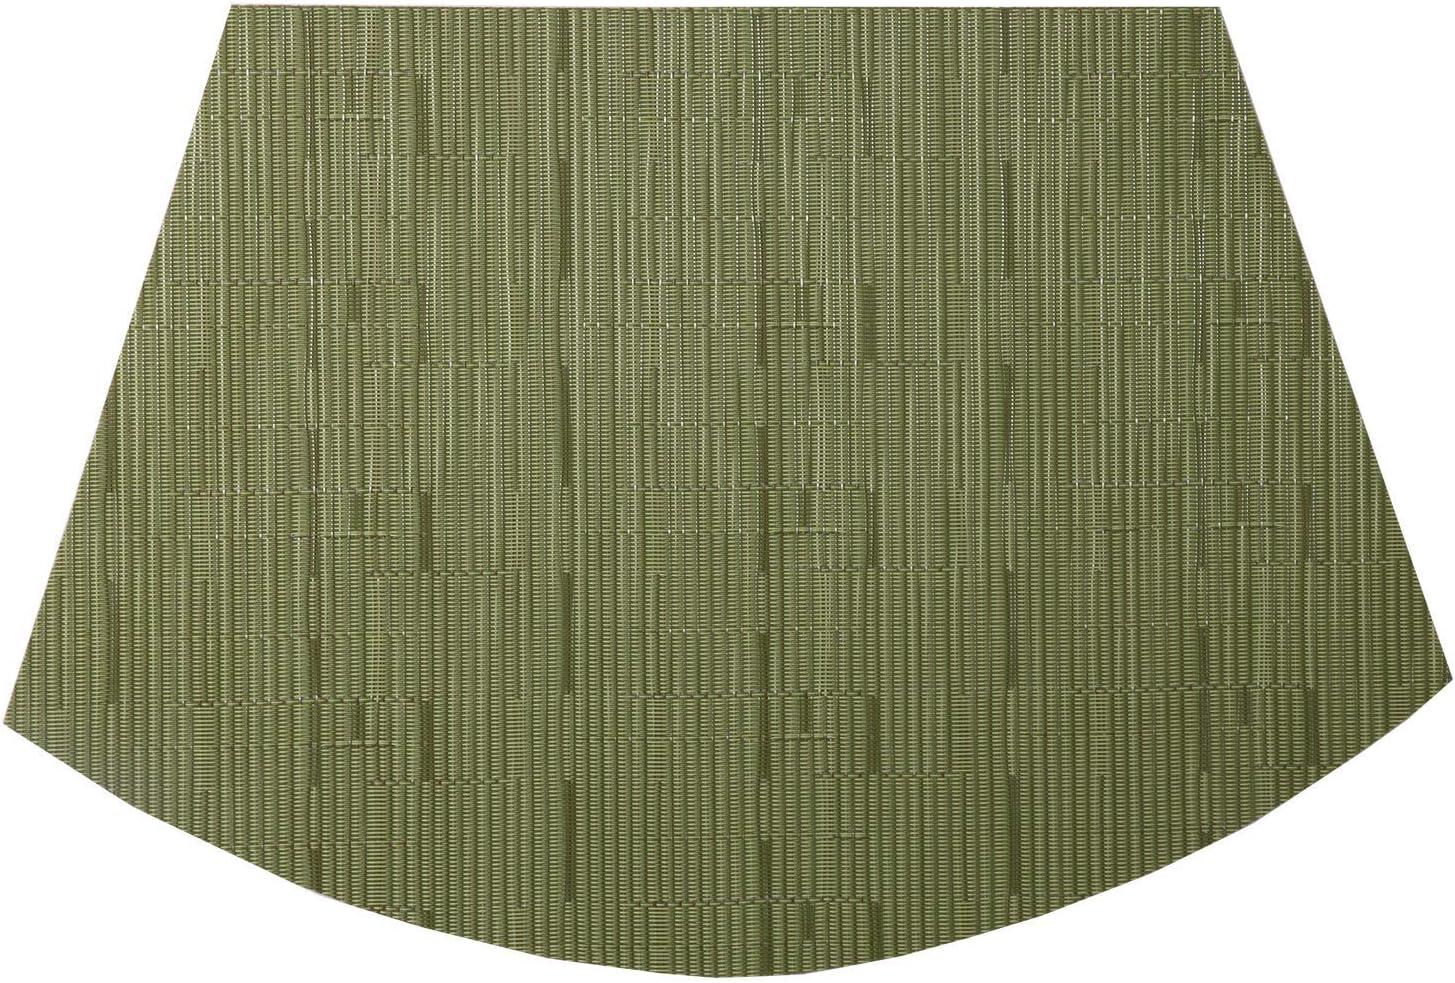 SHACOS Set von 4 Keilf/örmige Platzsets Abwaschbar Hitzebest/ändig,45cm x 30cm PVC geflochtene Tischsets Waschbar Verschlei/ßfest und Langlebig,f/ür K/üche,Innen und au/ßen-Beige